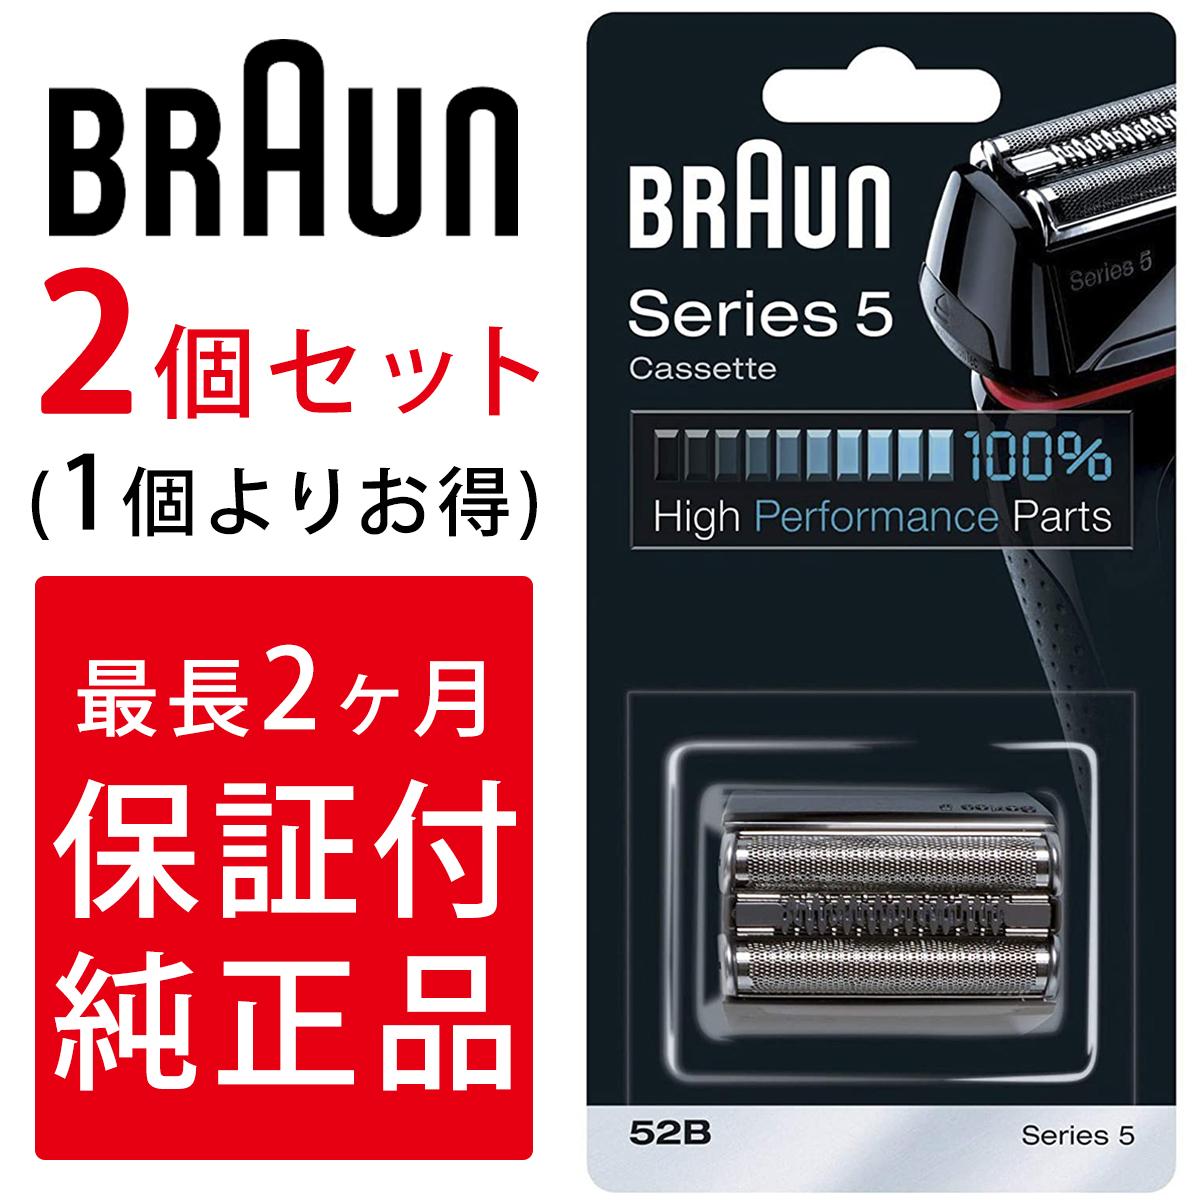 <title>ブラウン シェーバー 替刃 series5 サービス Braun 2個セット シリーズ5 52B 52S 純正品 海外正規品</title>